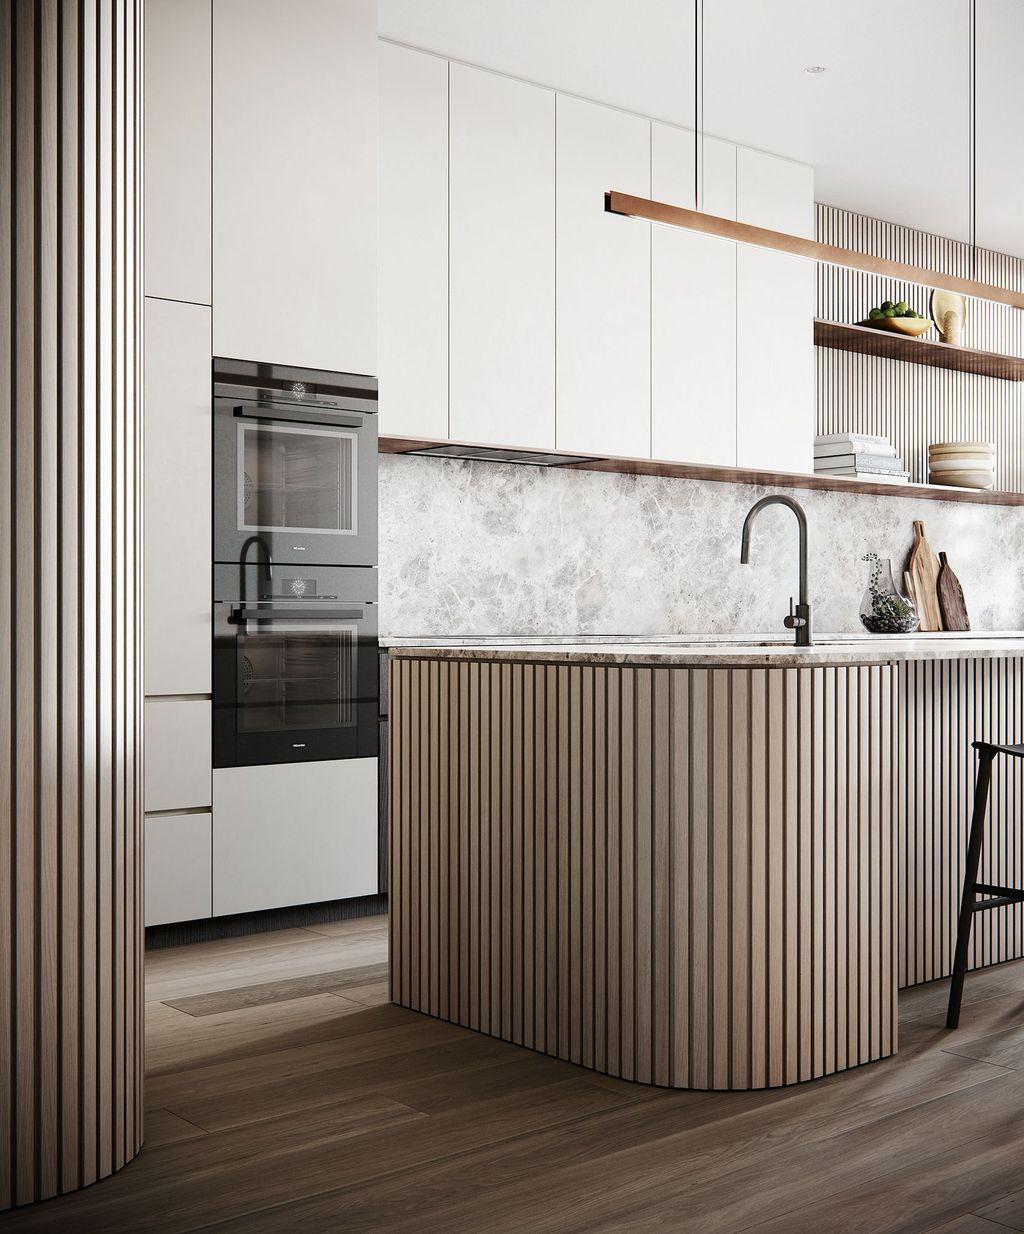 Wonderful Contemporary Kitchen Design Ideas 26